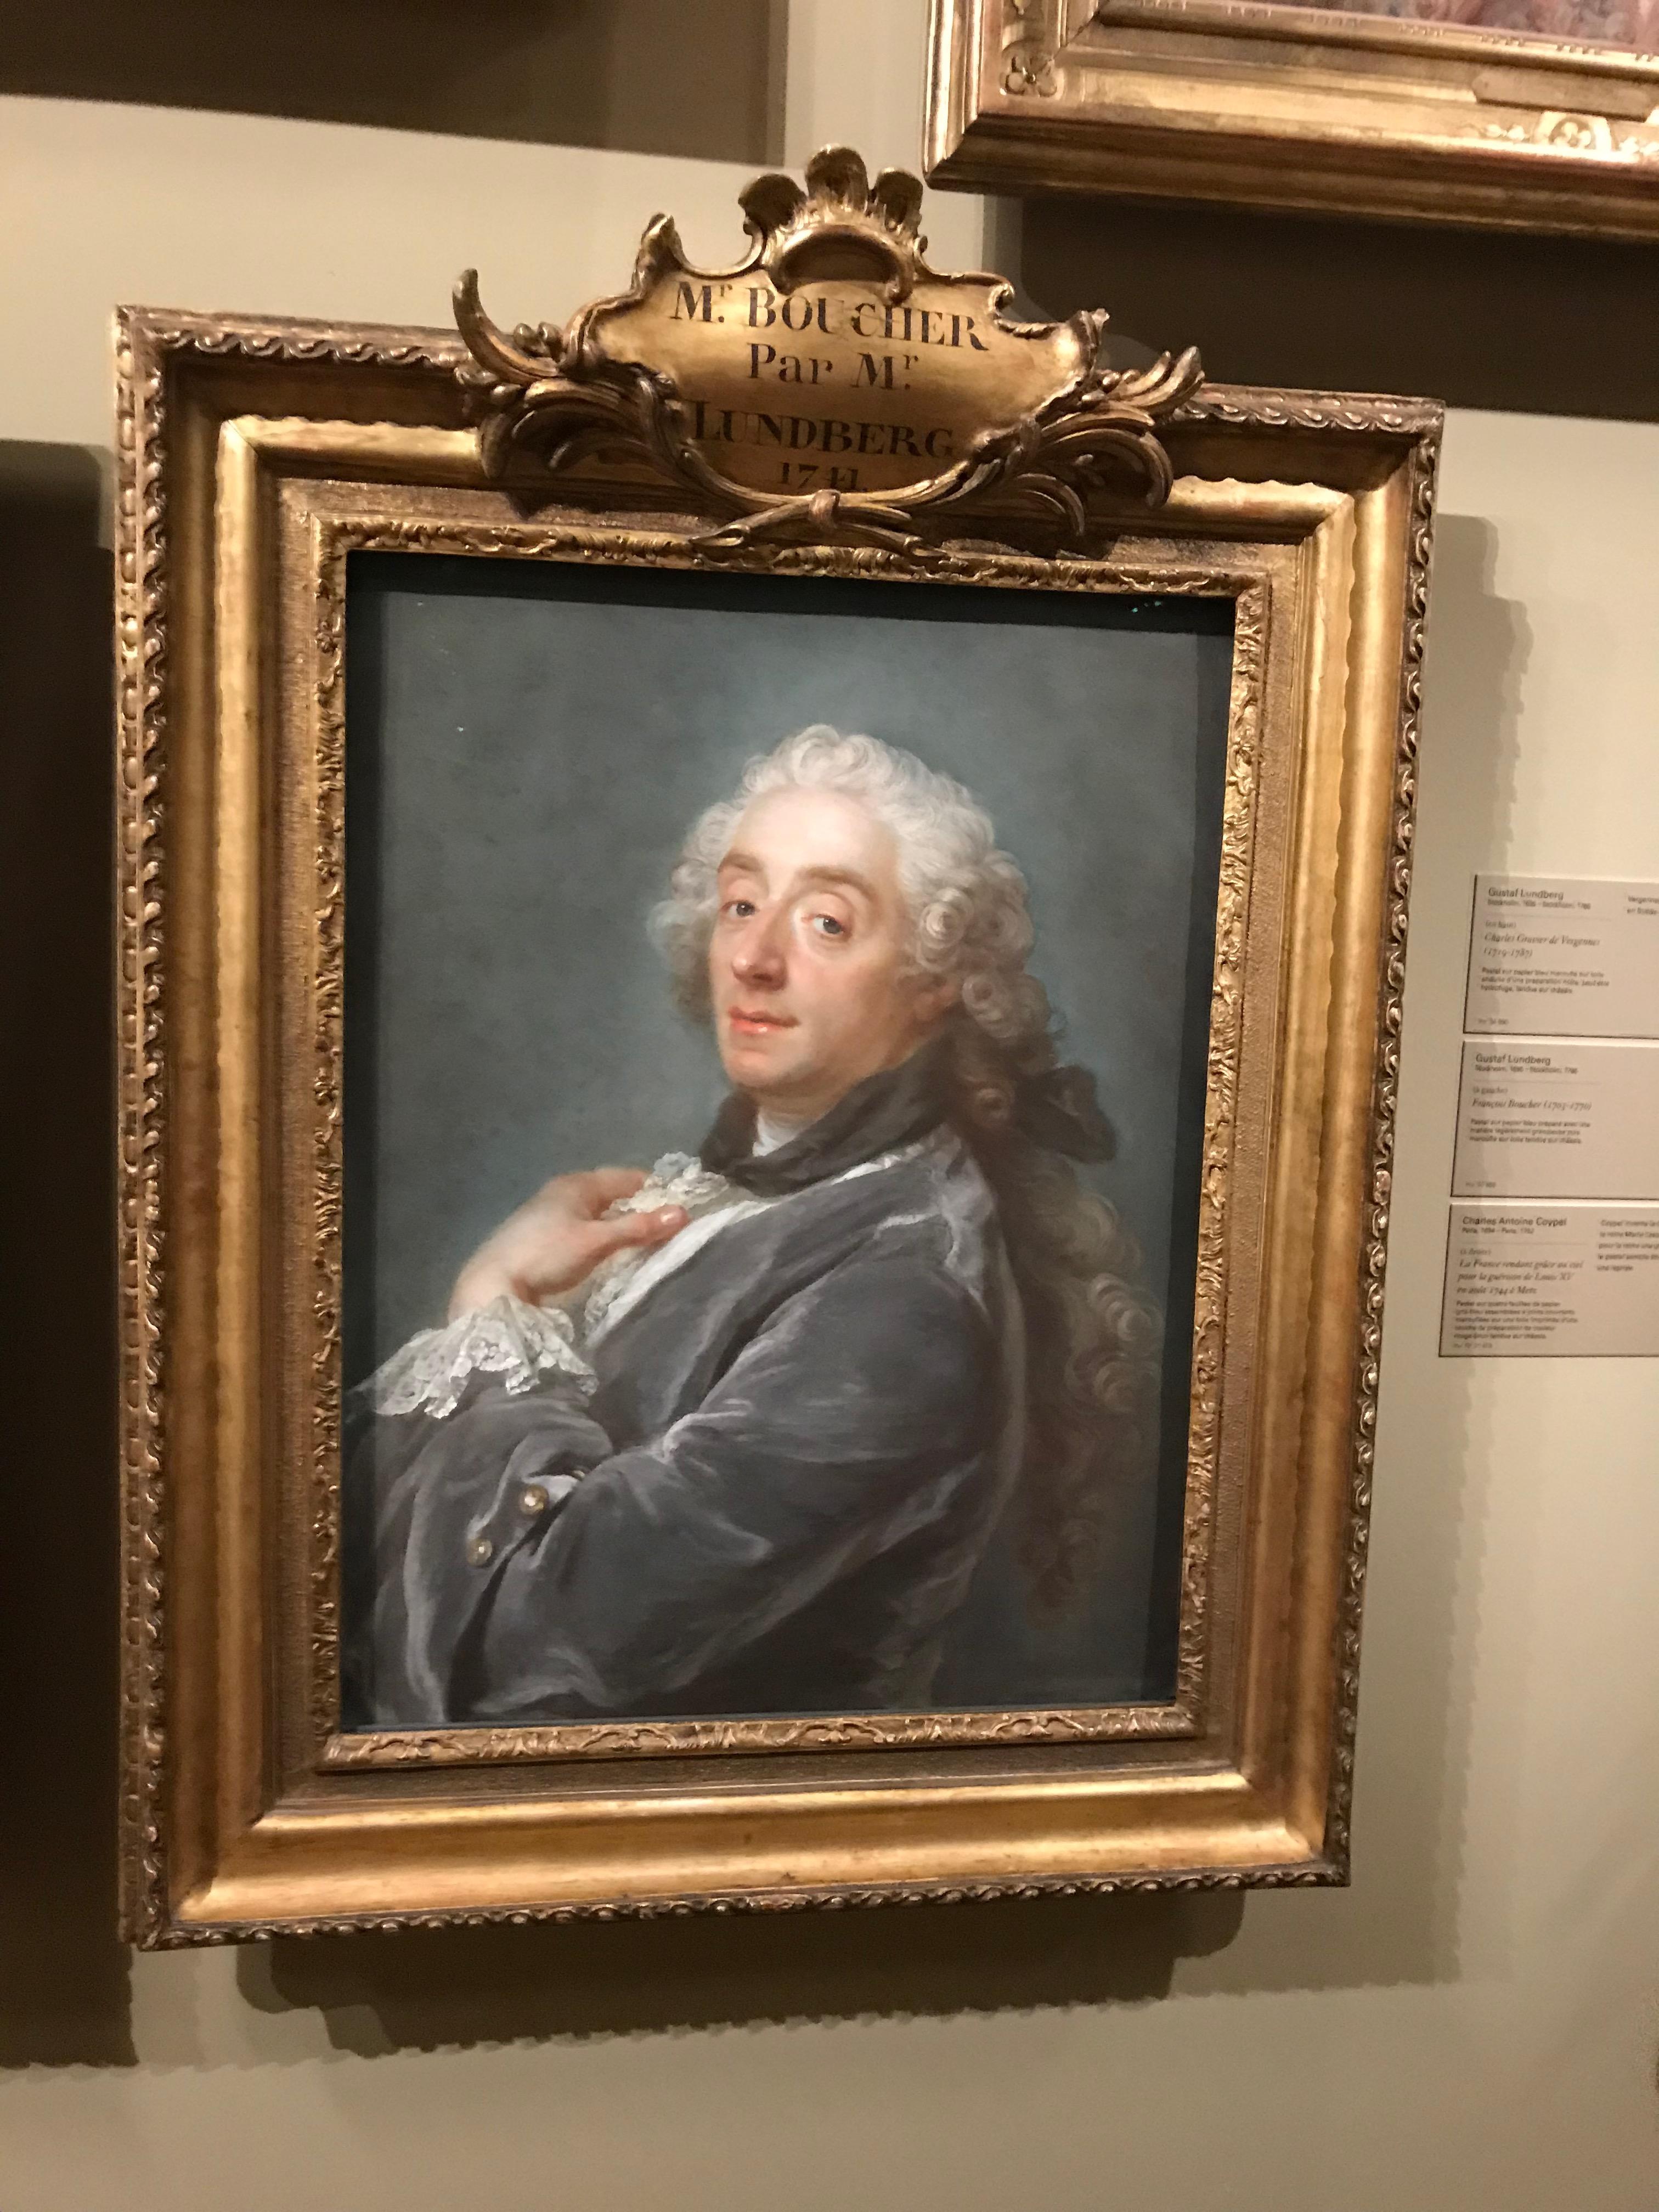 Pastels, l'exposition au musée du Louvre Img_6315